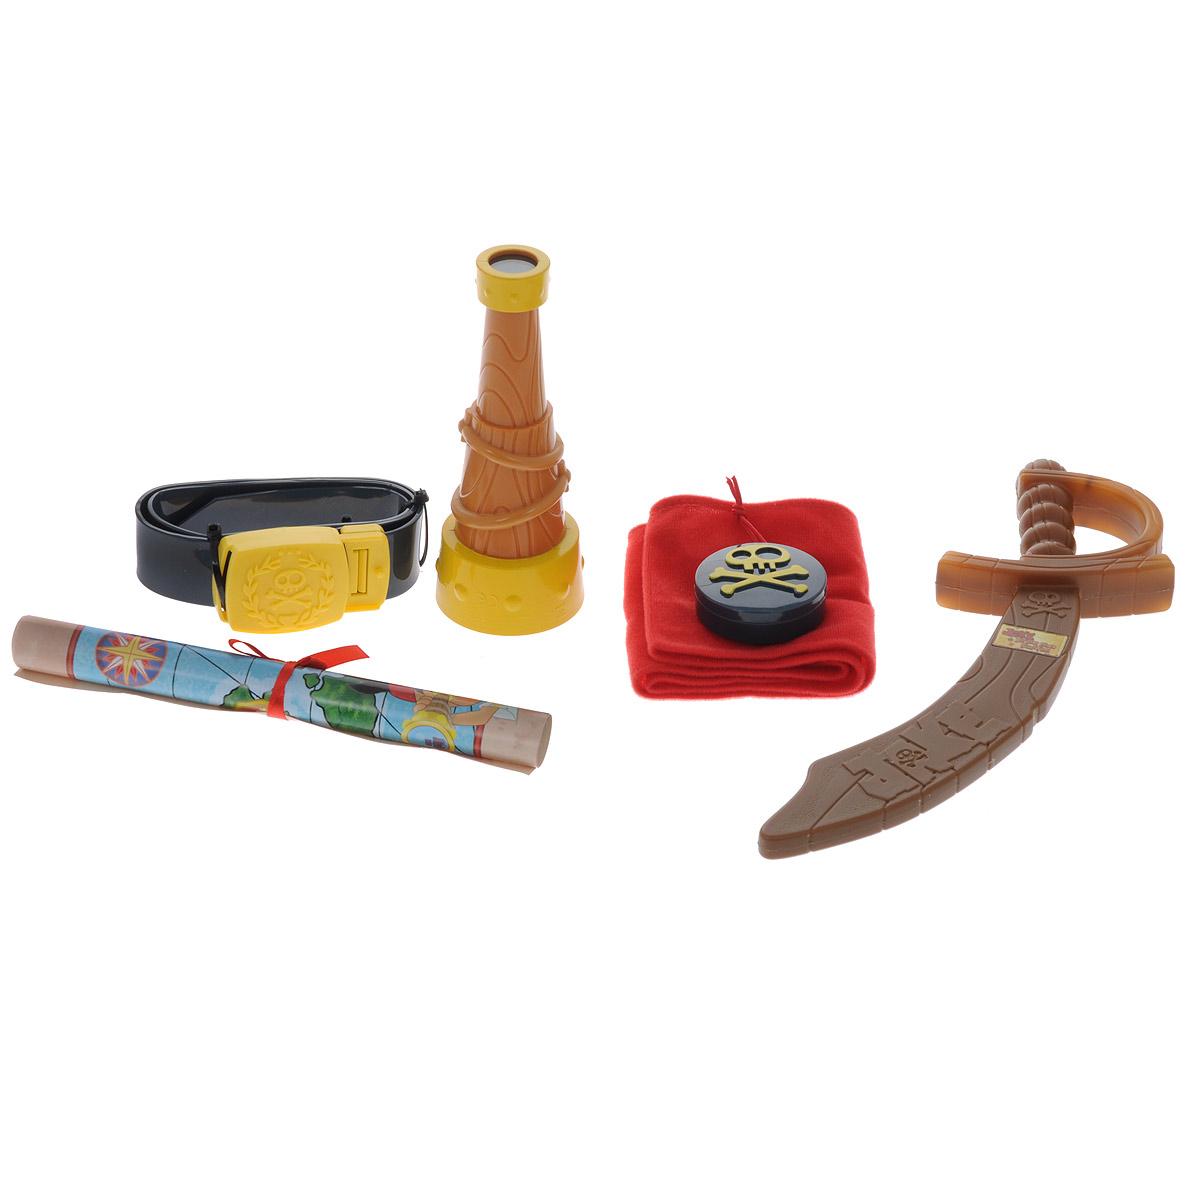 Jake&Neverland Pirates Игровой набор пирата260153Игровой набор Jake&Neverland Pirates позволит вашему ребенку перевоплотиться в настоящего пирата Джейка. Набор выполнен из безопасных материалов и включает пластиковые саблю, подзорную трубу, компас и пояс пирата, а также текстильную бандану и настоящую карту сокровищ! Элементы набора упакованы в картонный сундук с имитацией пластикового замка. С обеих сторон сундук дополнен текстильными ручками. Благодаря этому набору малыш ощутит себя настоящим корсаром!